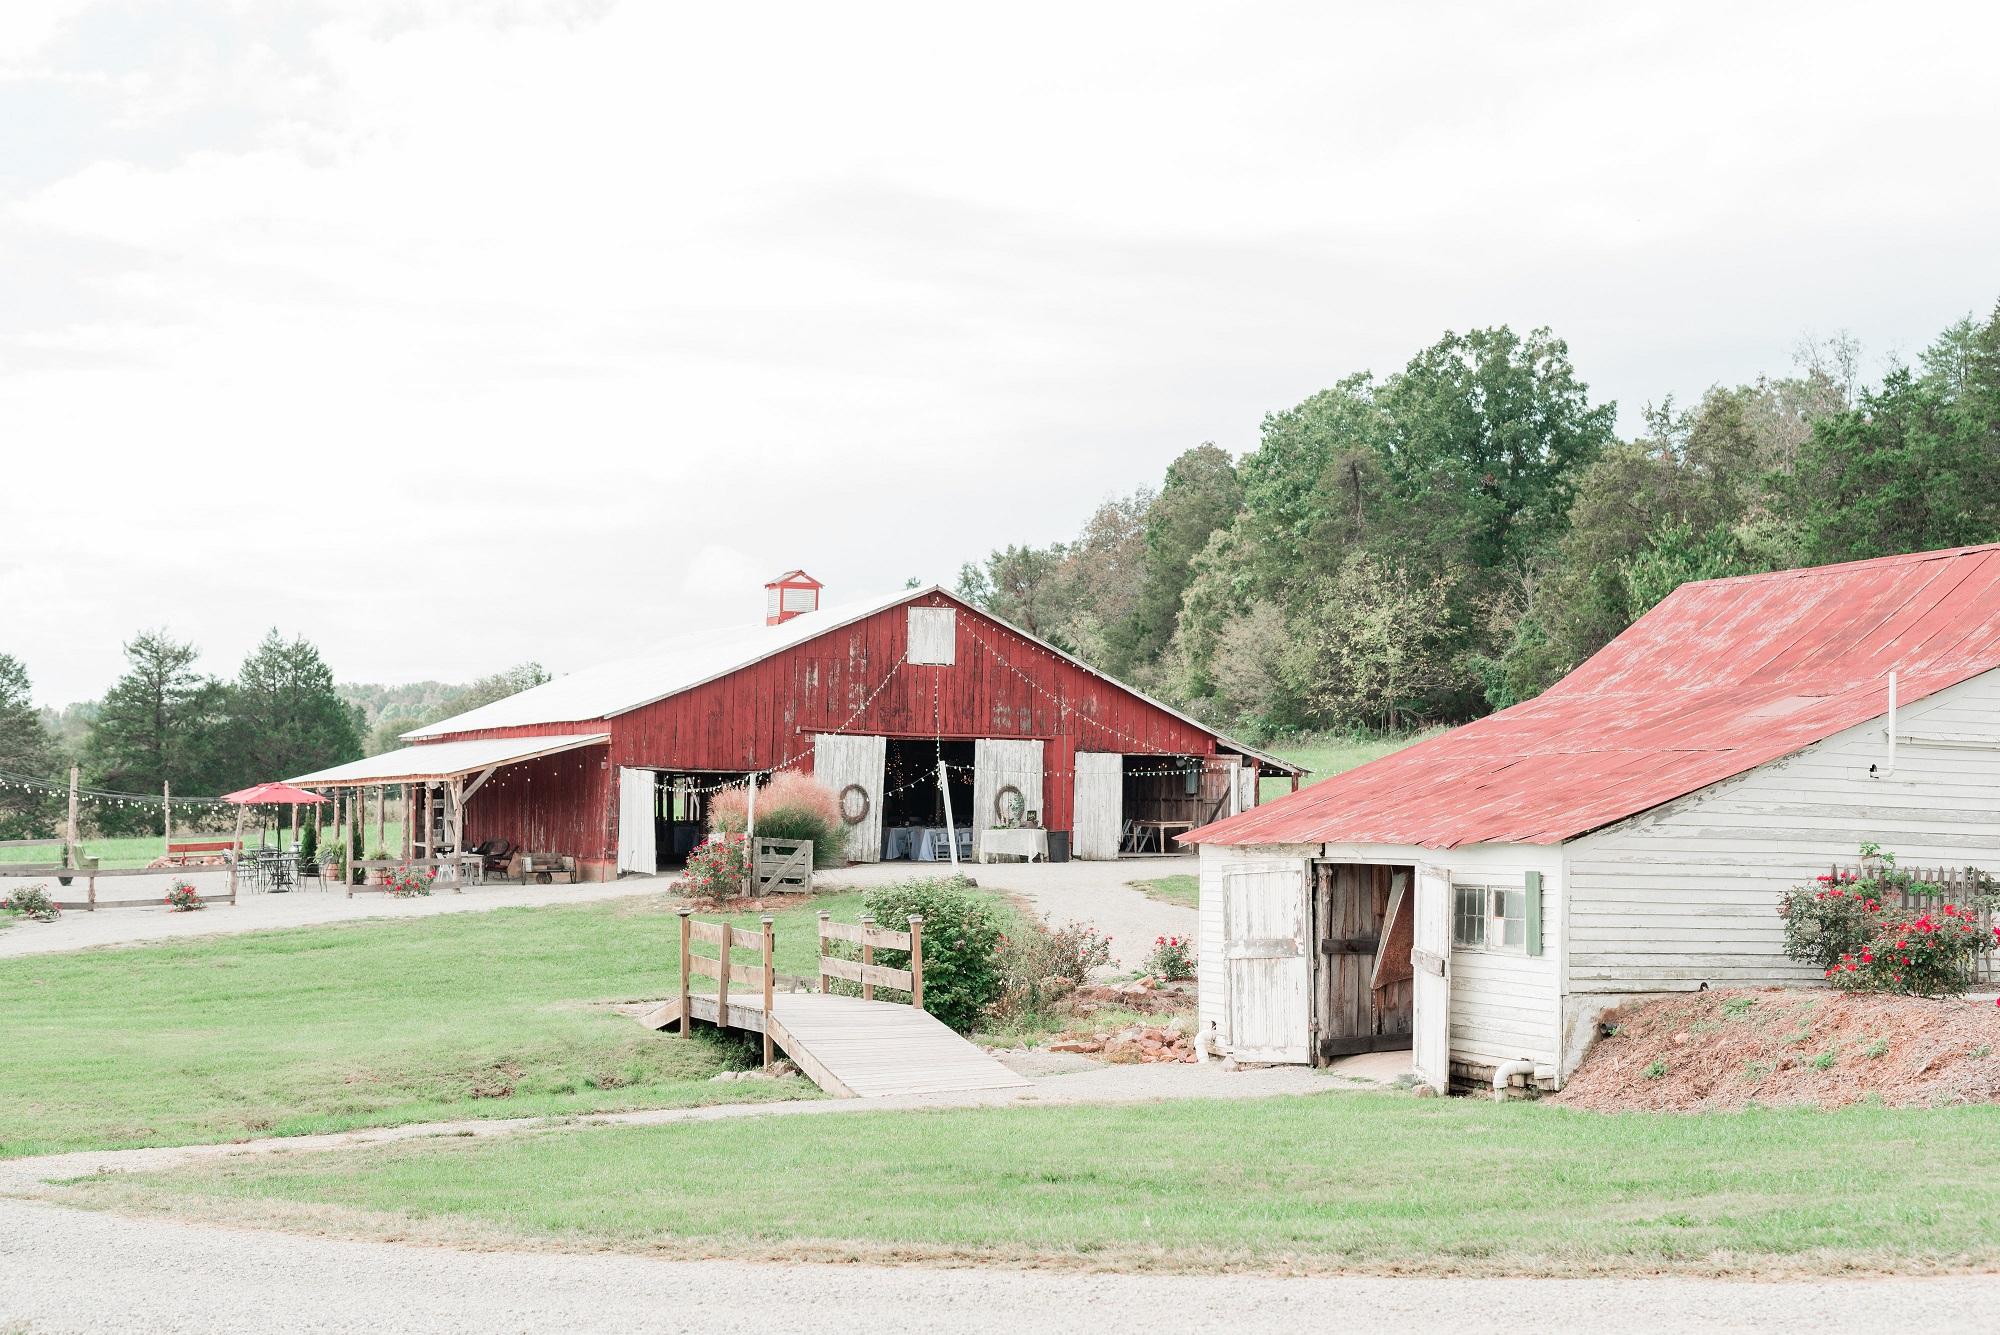 Barn Wedding venue located in Missouri - Click here to ...